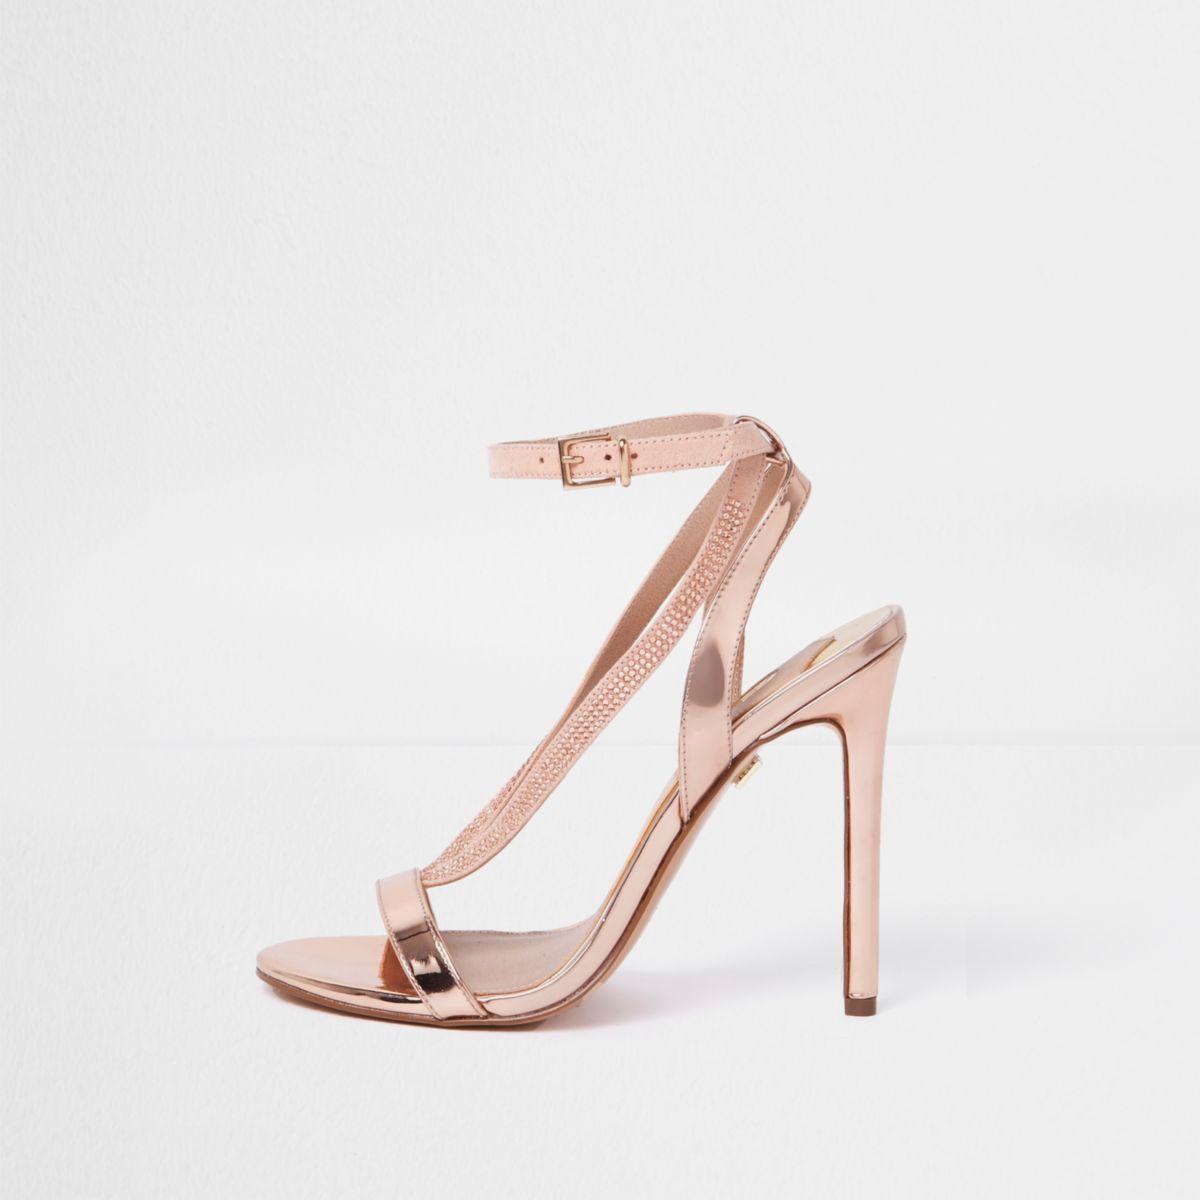 River Island Sandales minimalistes dorées métallisées Jeu En Ligne Footlocker Réduction Finishline Qualité Supérieure Rabais Parcourir Frais De Port Offerts extrêmement ghZeK